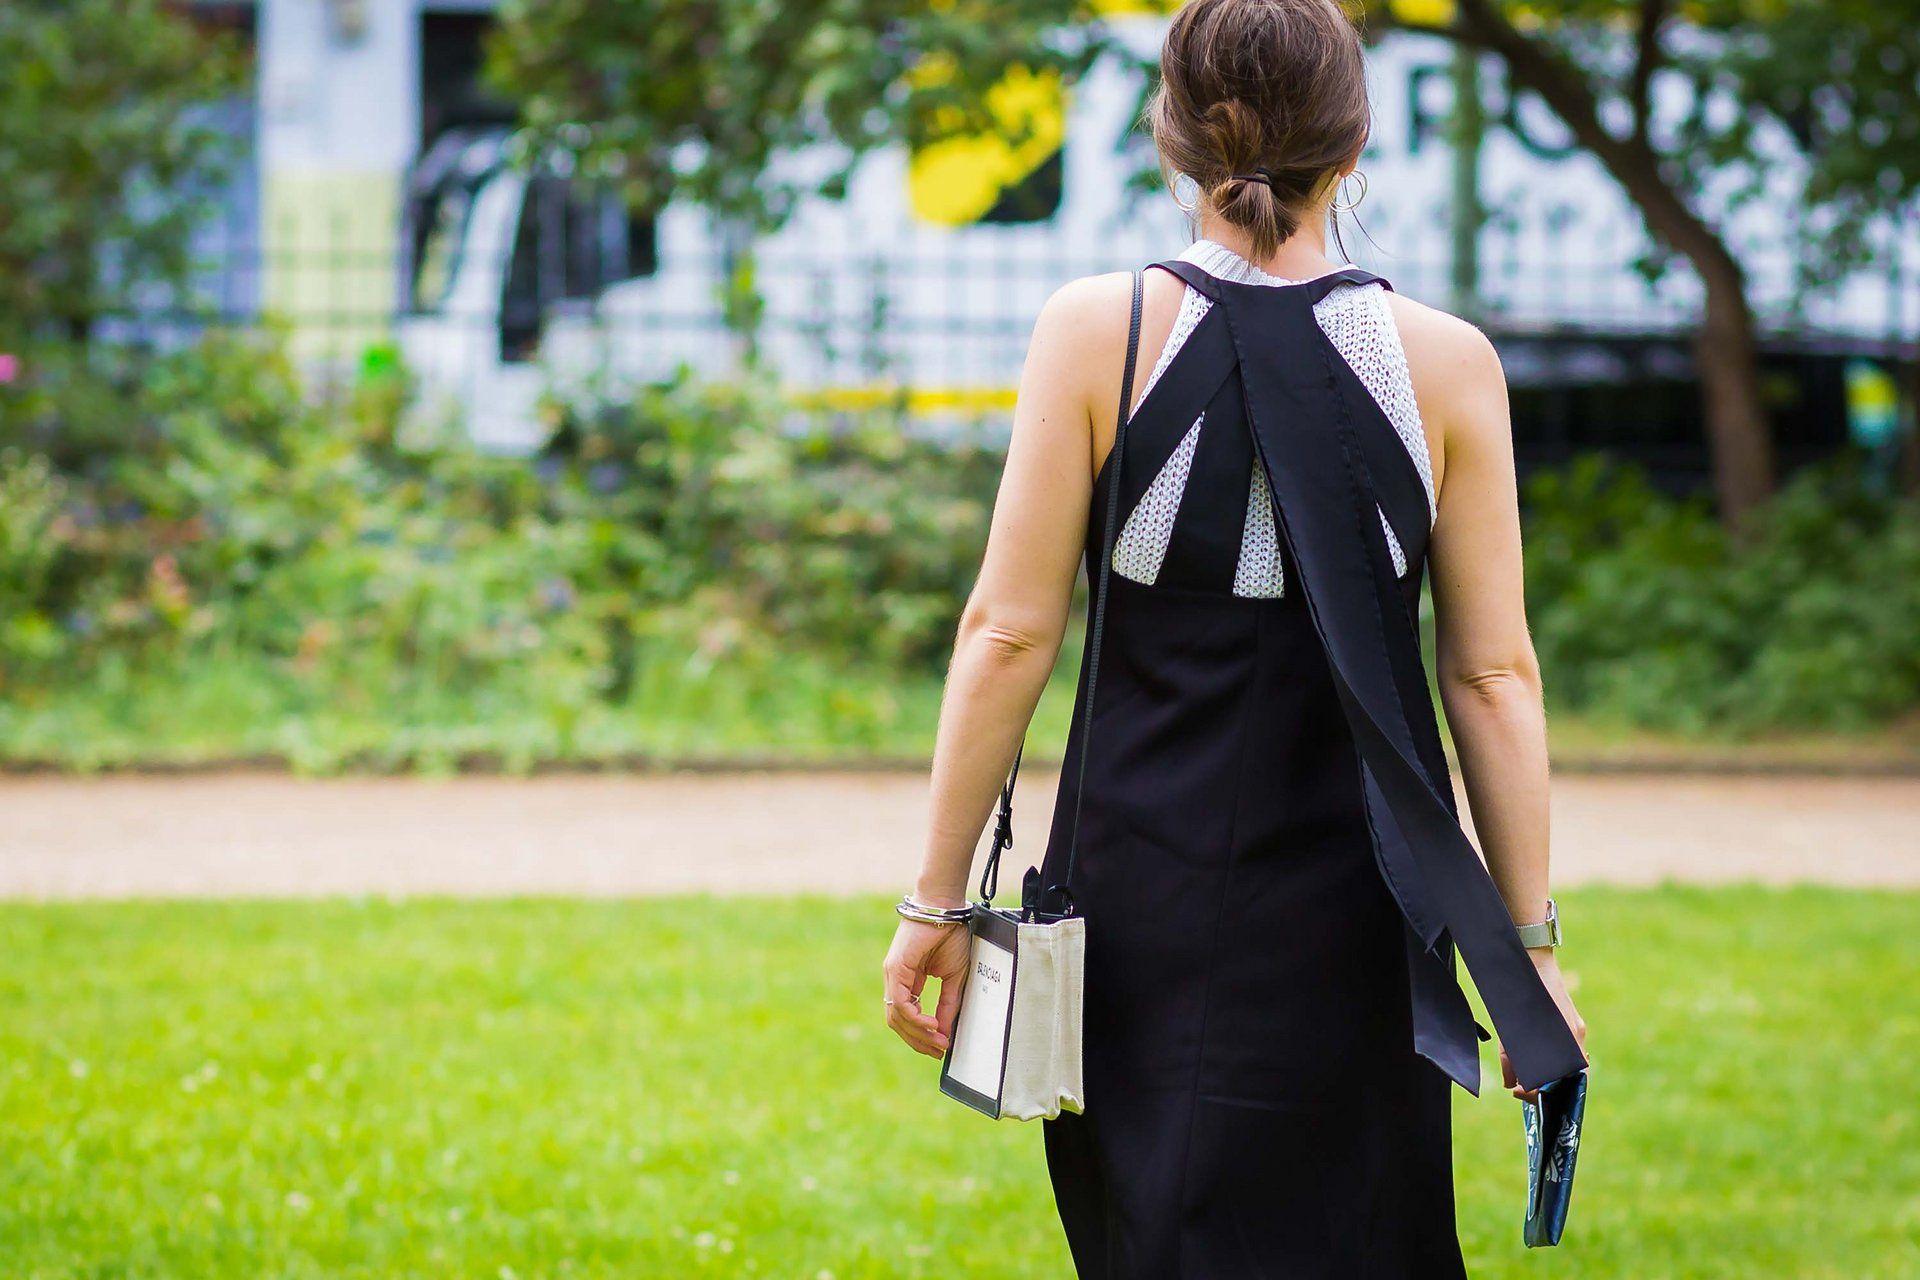 With a Balenciaga bag